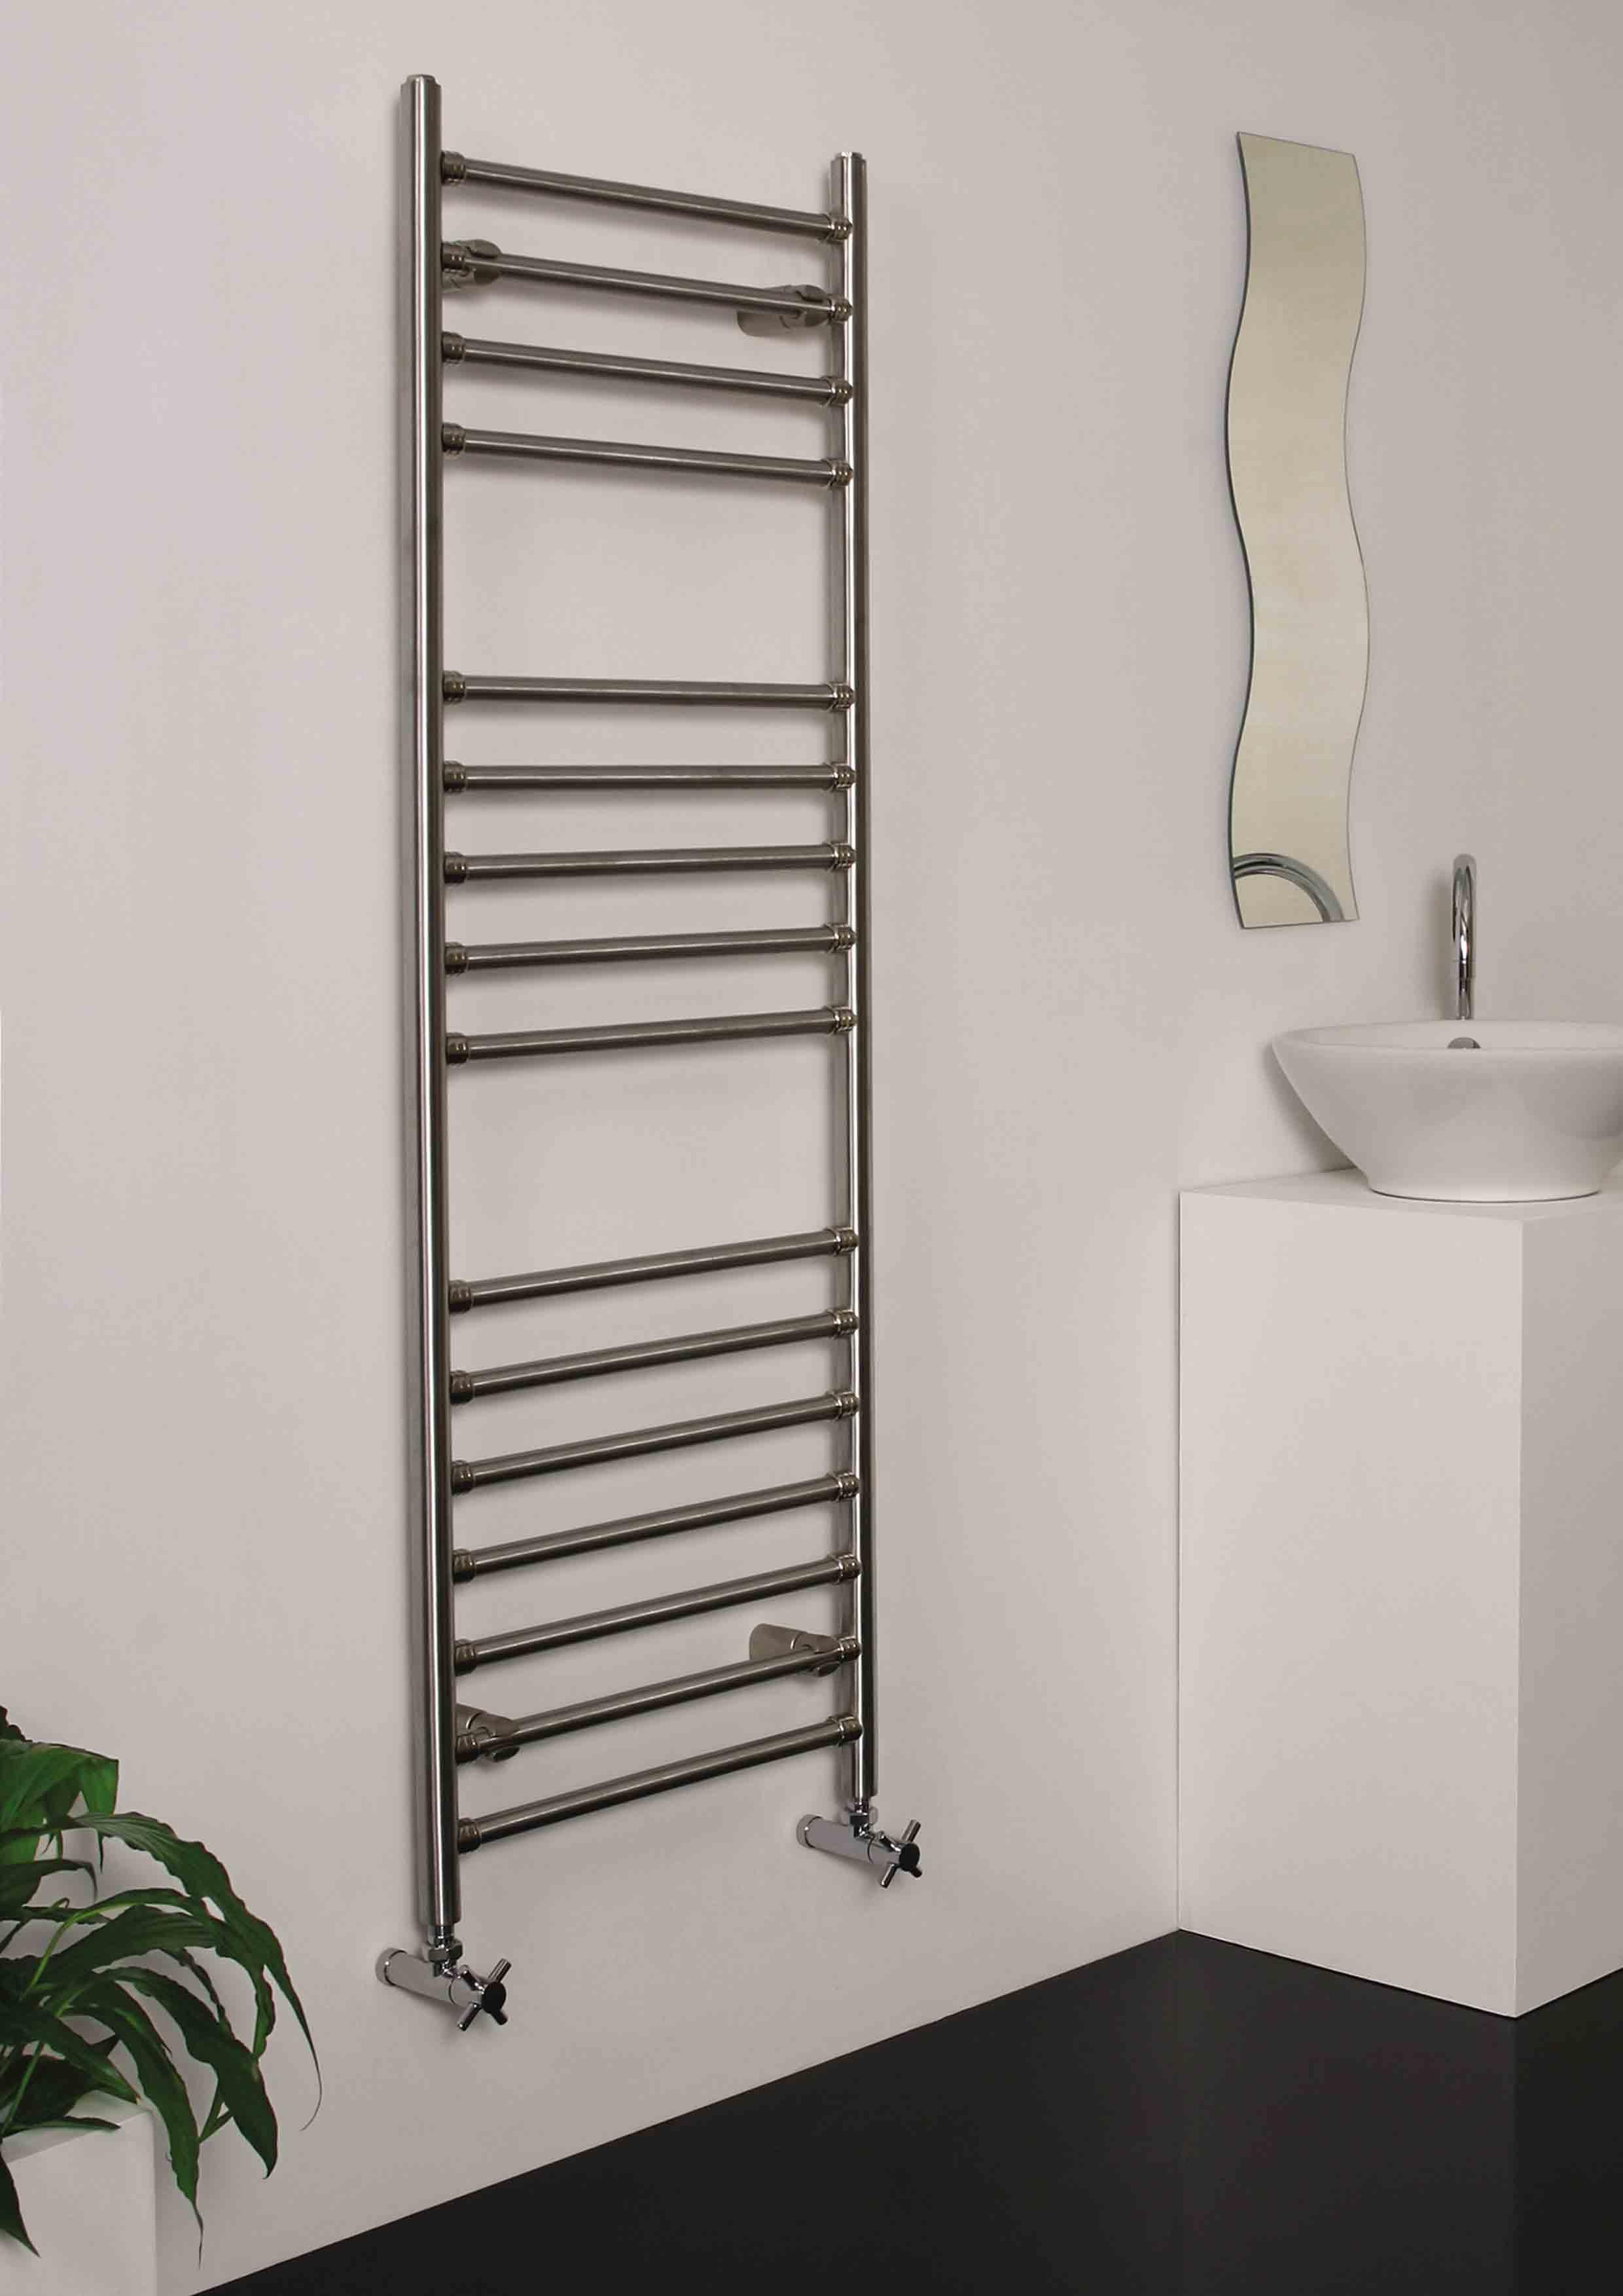 colosseum radiateur s che serviette d coratif inox p1907. Black Bedroom Furniture Sets. Home Design Ideas